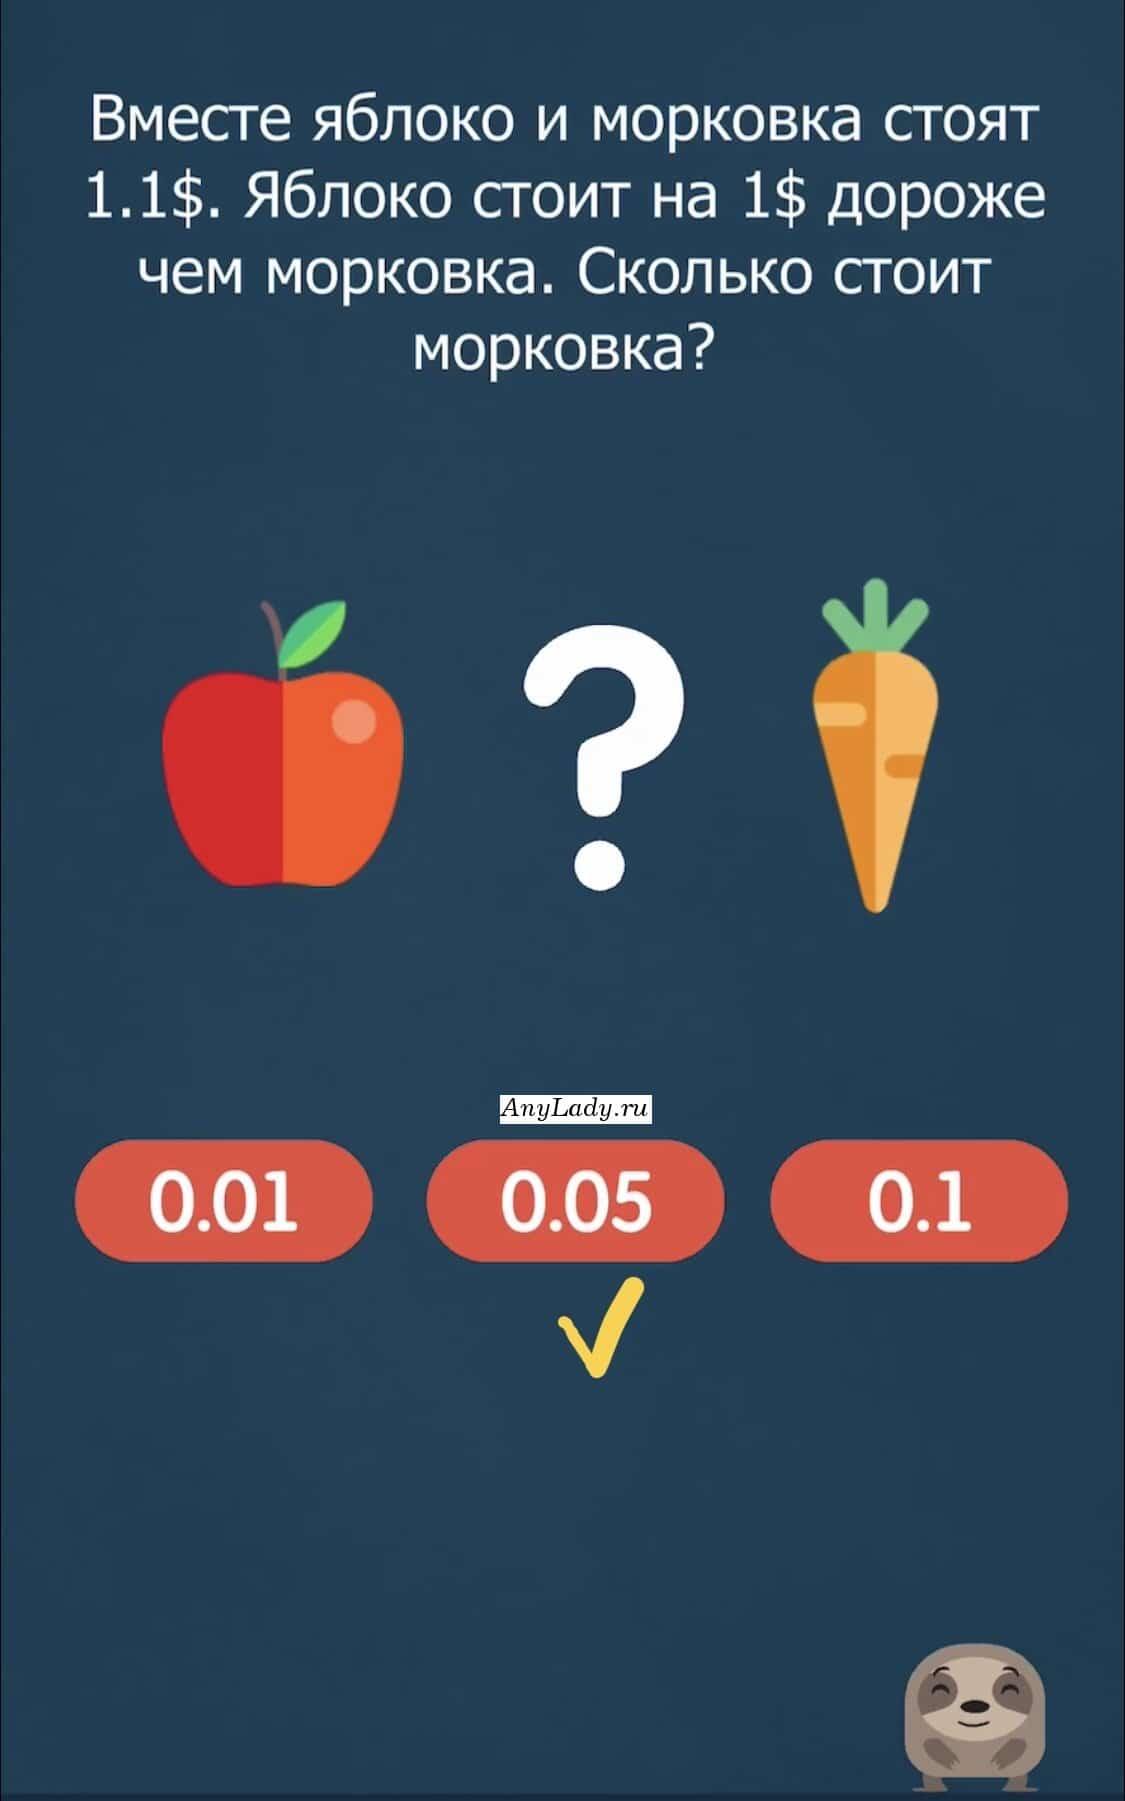 Перед Вами яблоко и морковь, необходимо посчитать стоимость моркови.